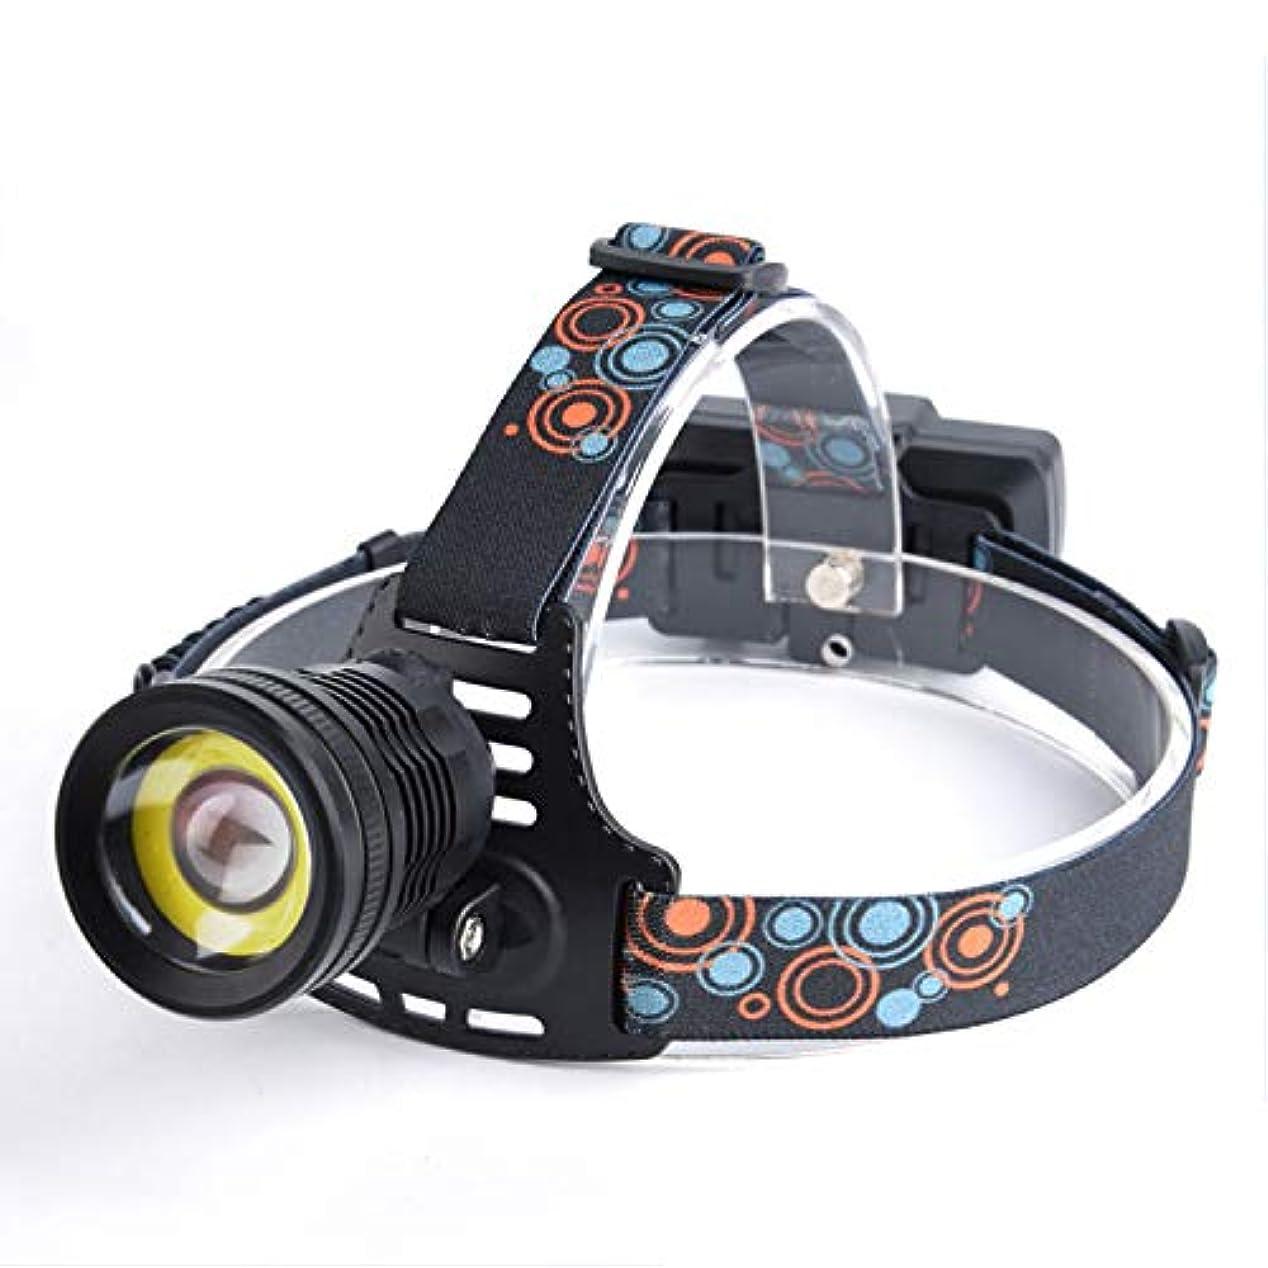 立法サミットディスコ強いヘッドライト、T6 + COB LEDヘッドライト、屋外防水照明充電夜釣りライト